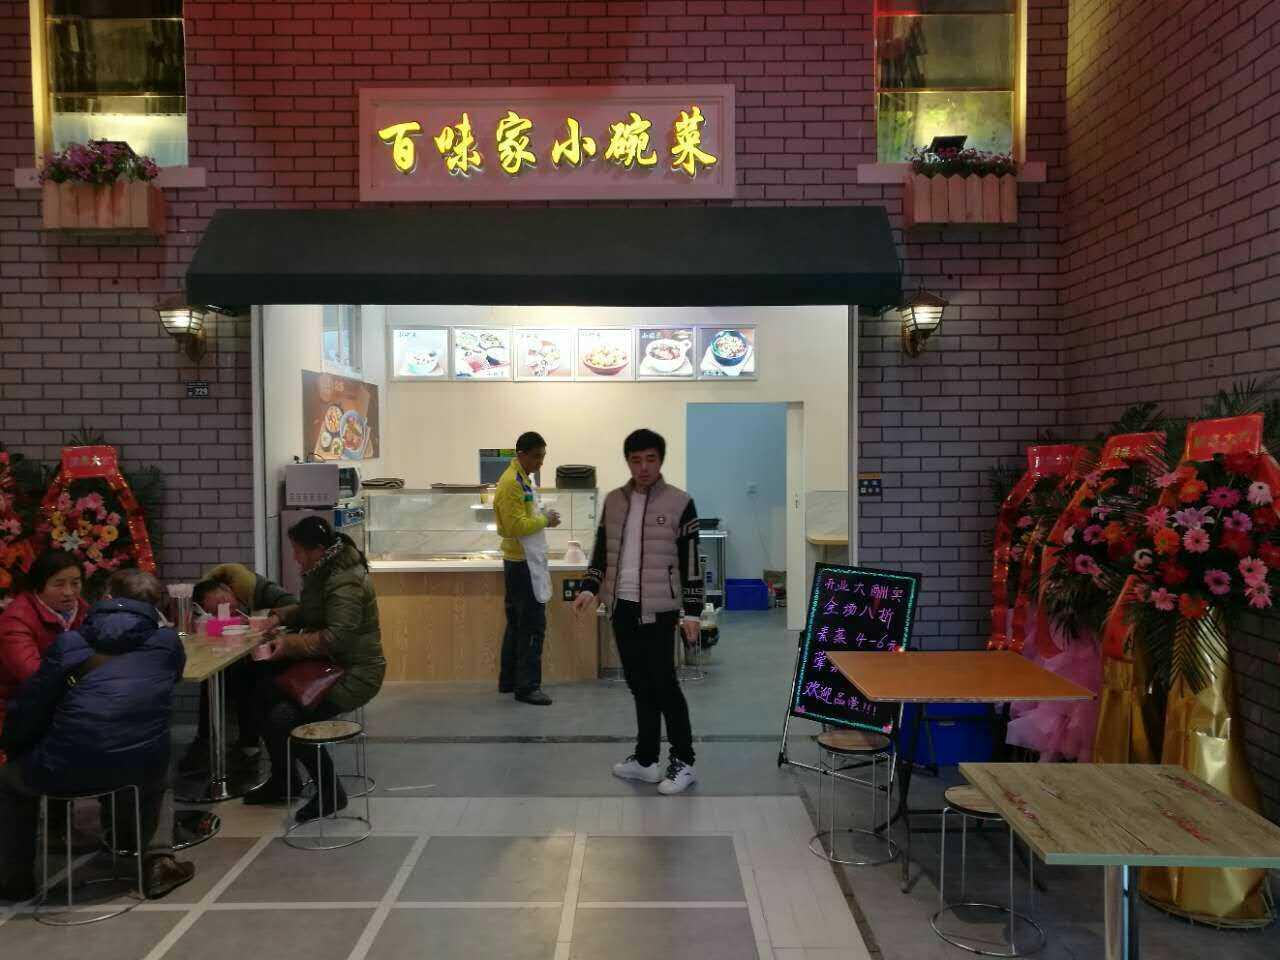 武昌火车站小碗菜